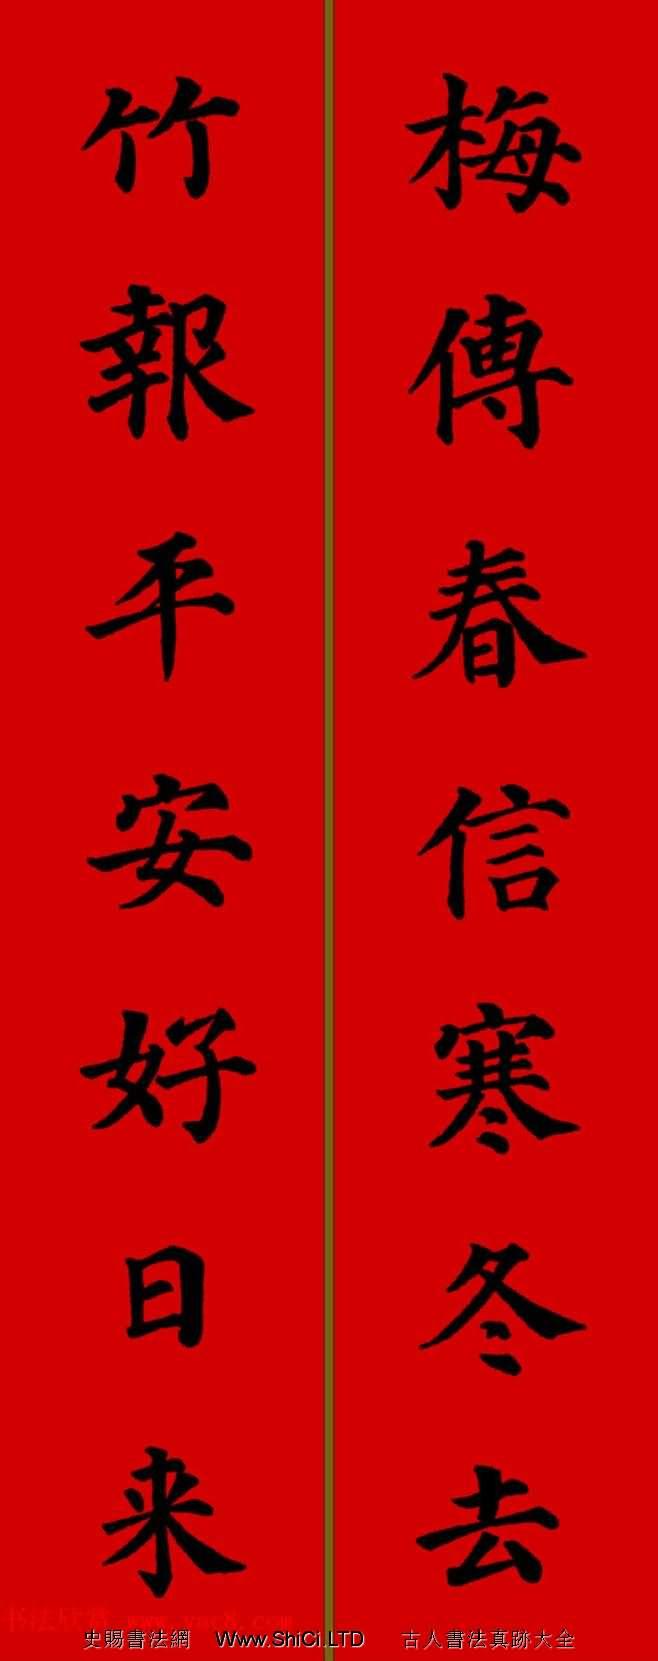 顏真卿楷書集字七言新年春聯28副(共28張圖片)